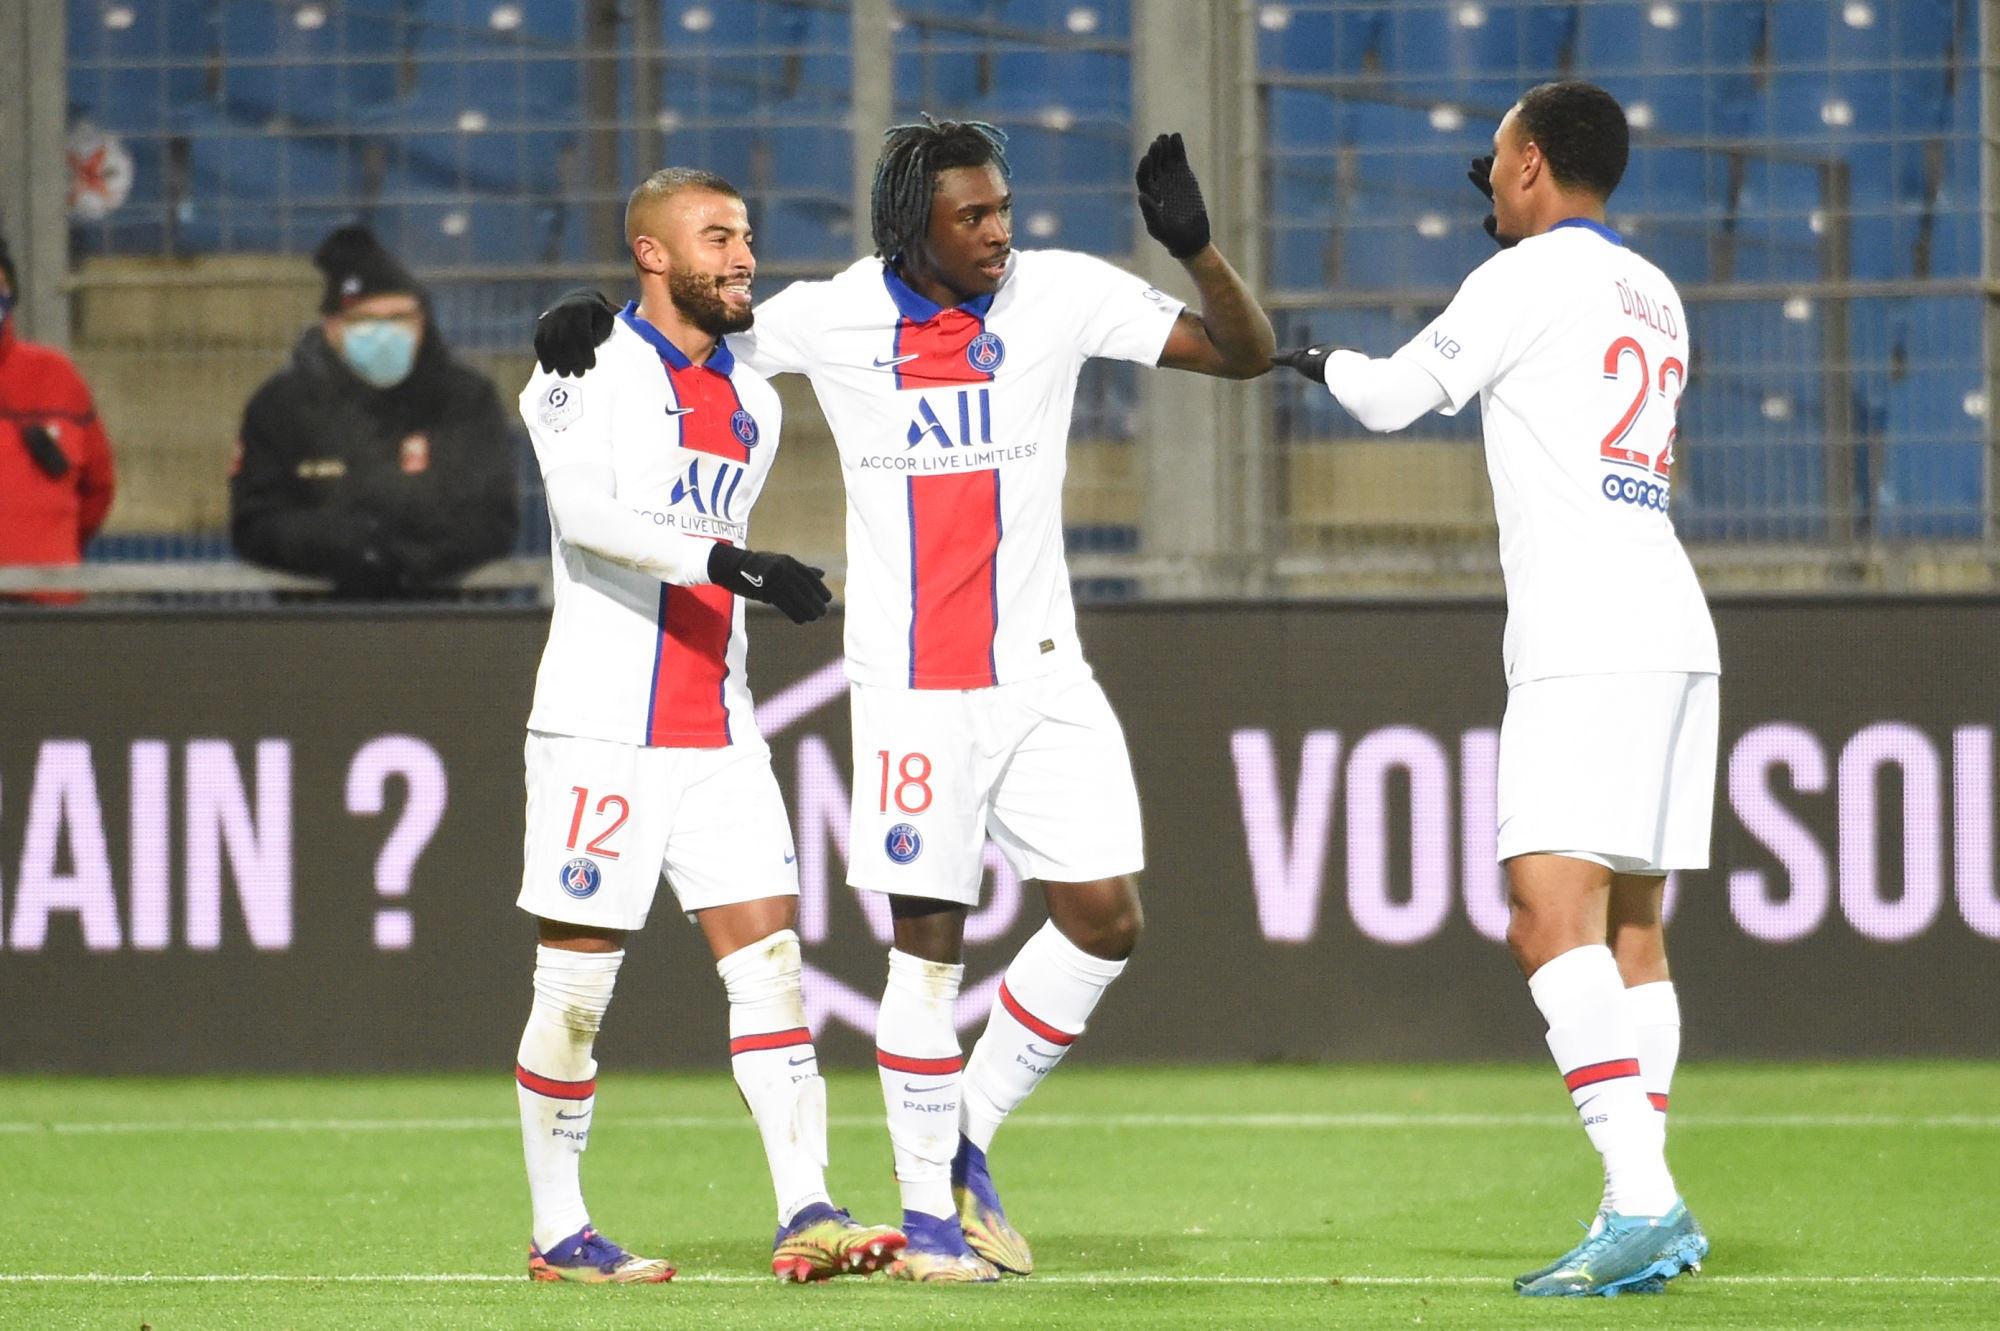 Montpellier/PSG - Qui a été le meilleur joueur du côté parisien selon vous ?